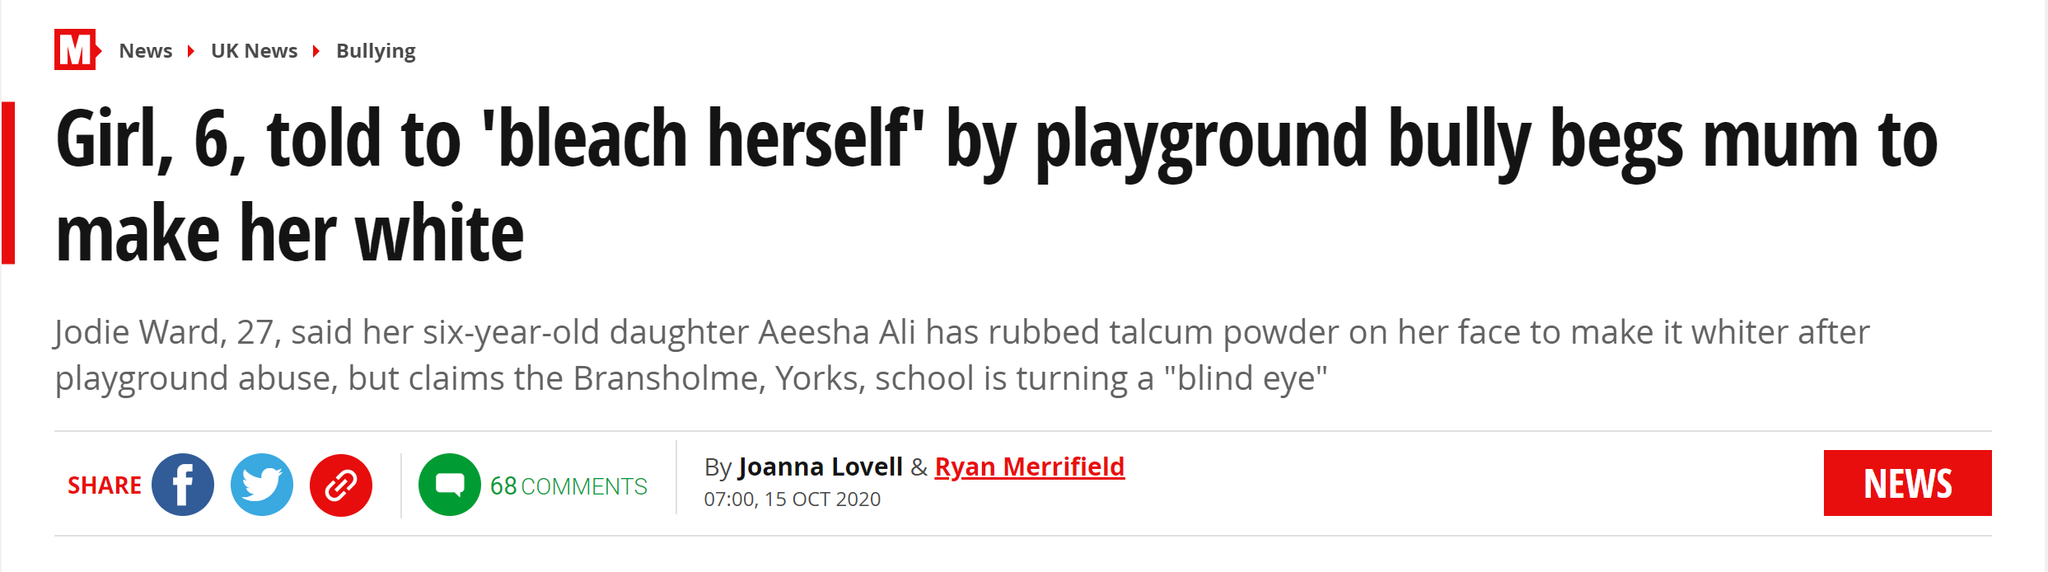 """无奈......6岁小女孩因肤色遭校园霸凌后,求妈妈把自己""""漂白"""""""